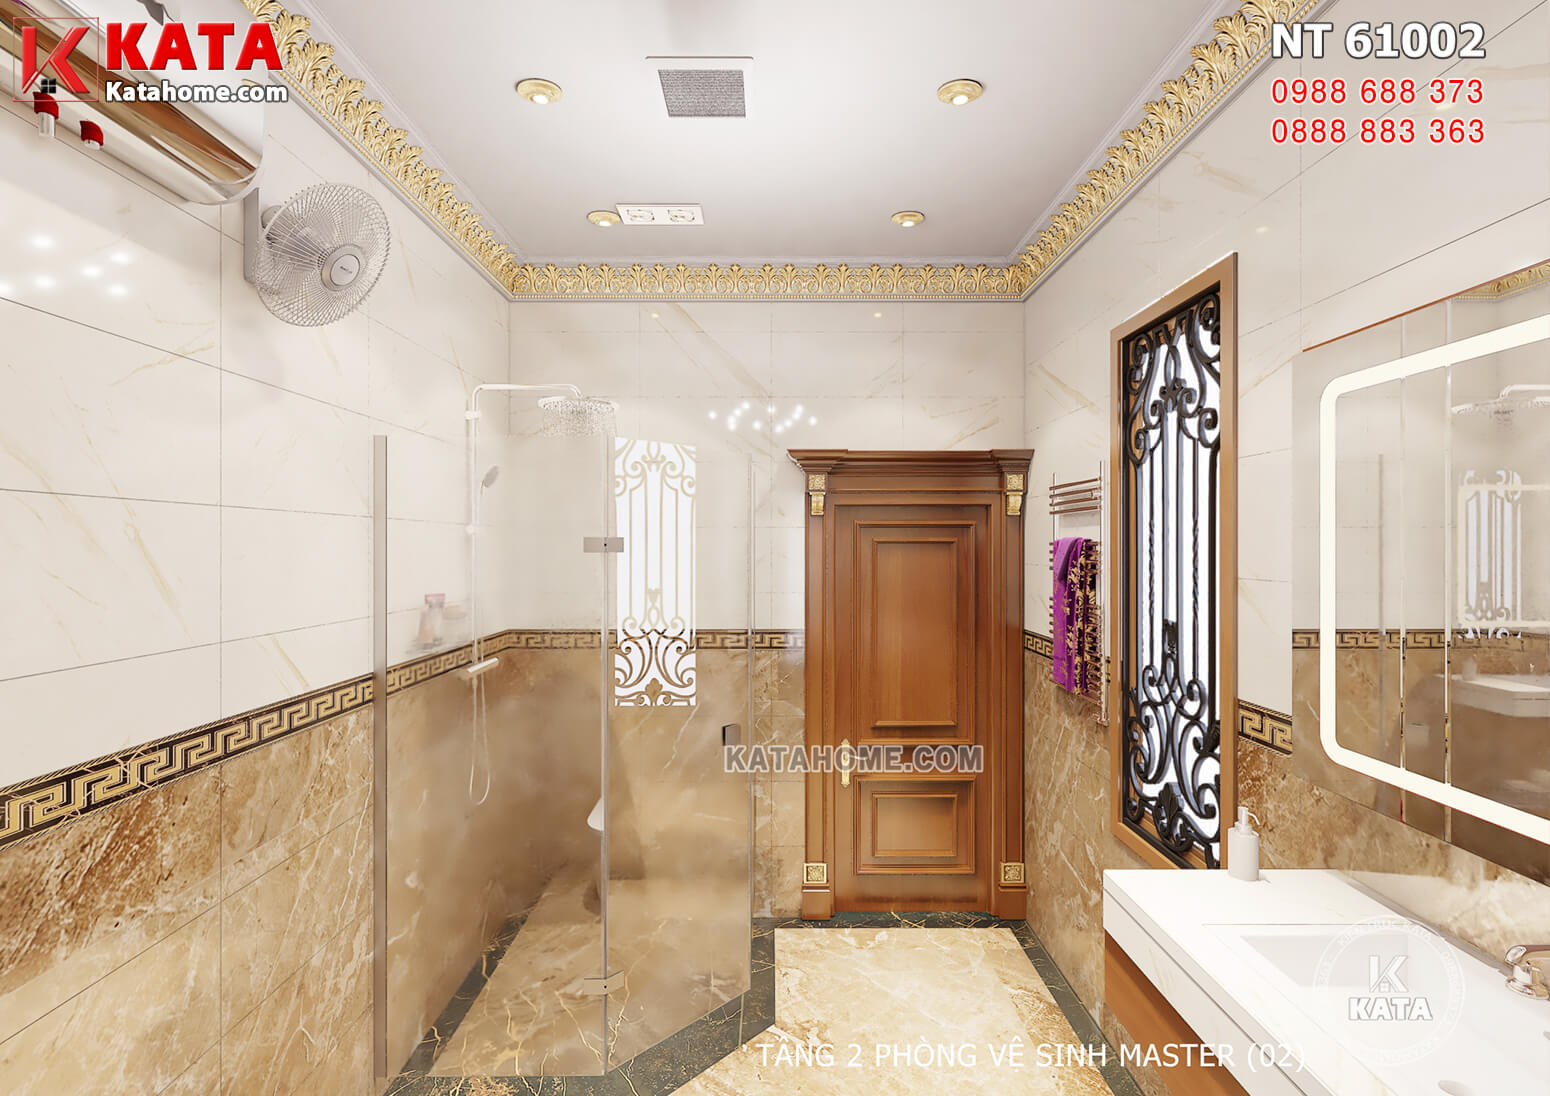 Hình ảnh: Khu vực tắm được thiết kế vách ngăn kính chắn bẩn, chắn nước bắn sang các không gian khác